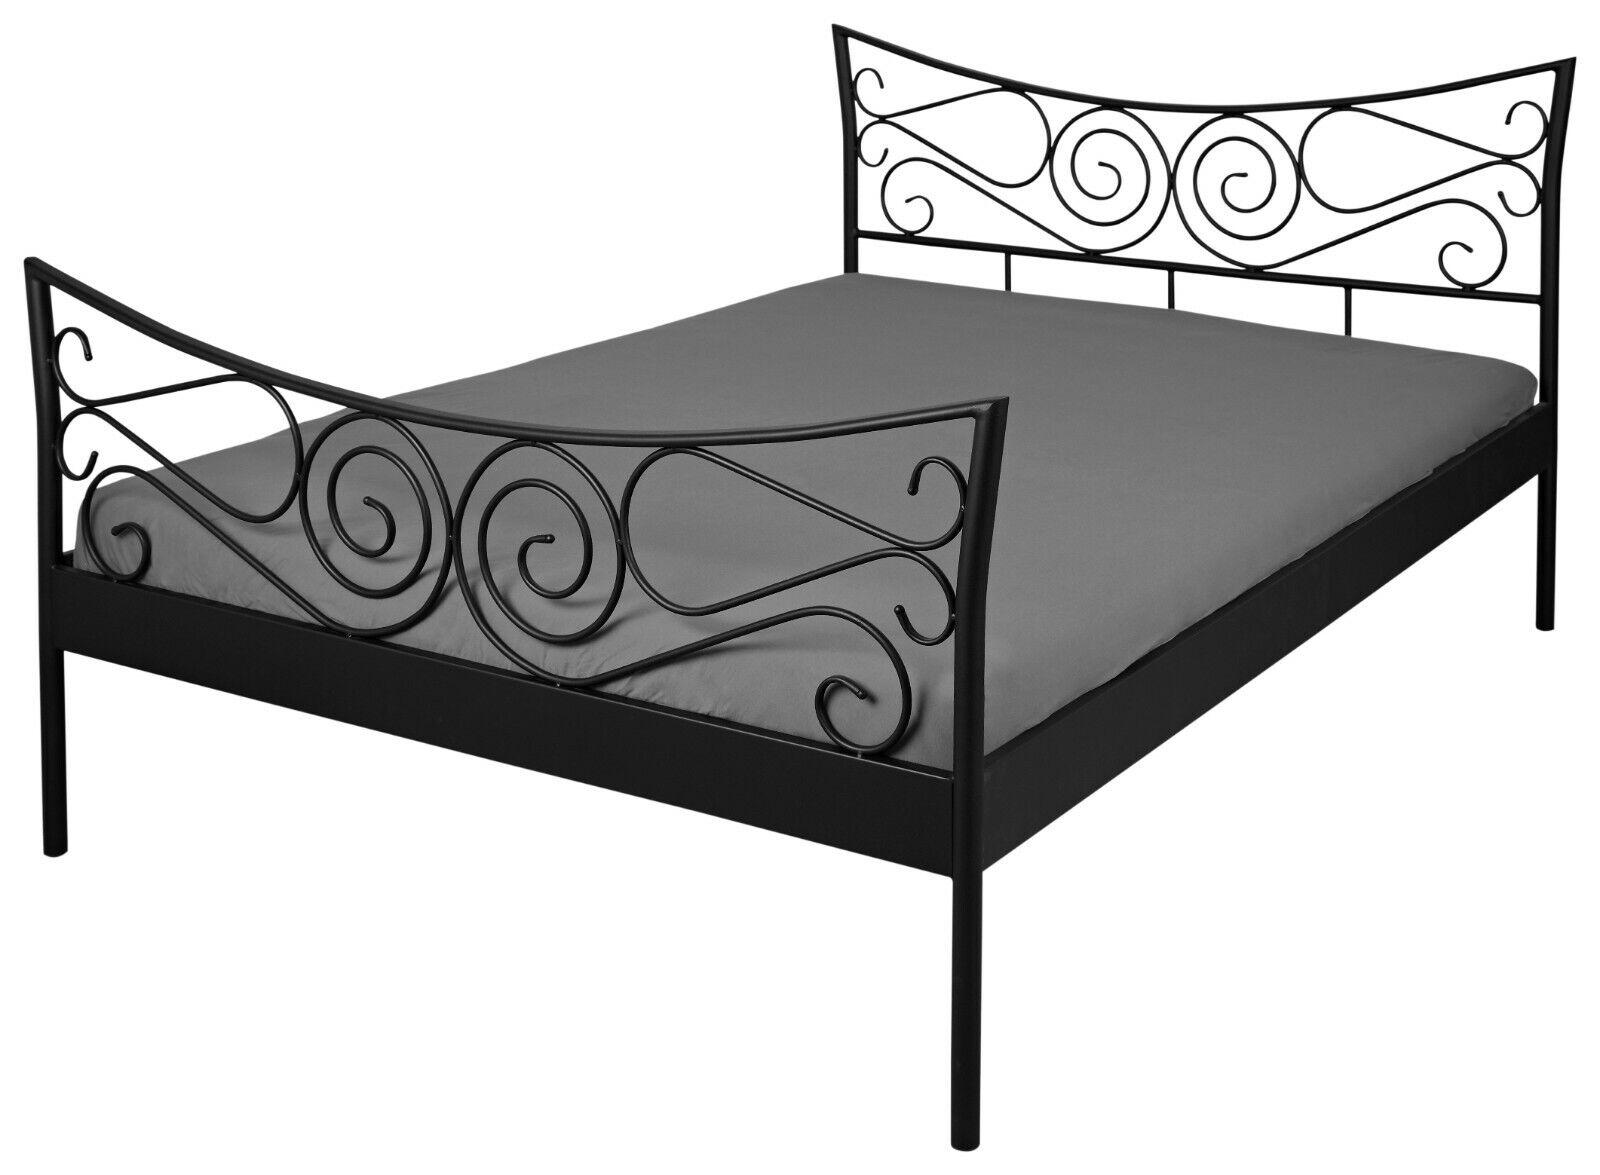 Möbel Romantisches Bett 140 X 200 Cm Schwarz Ehebett